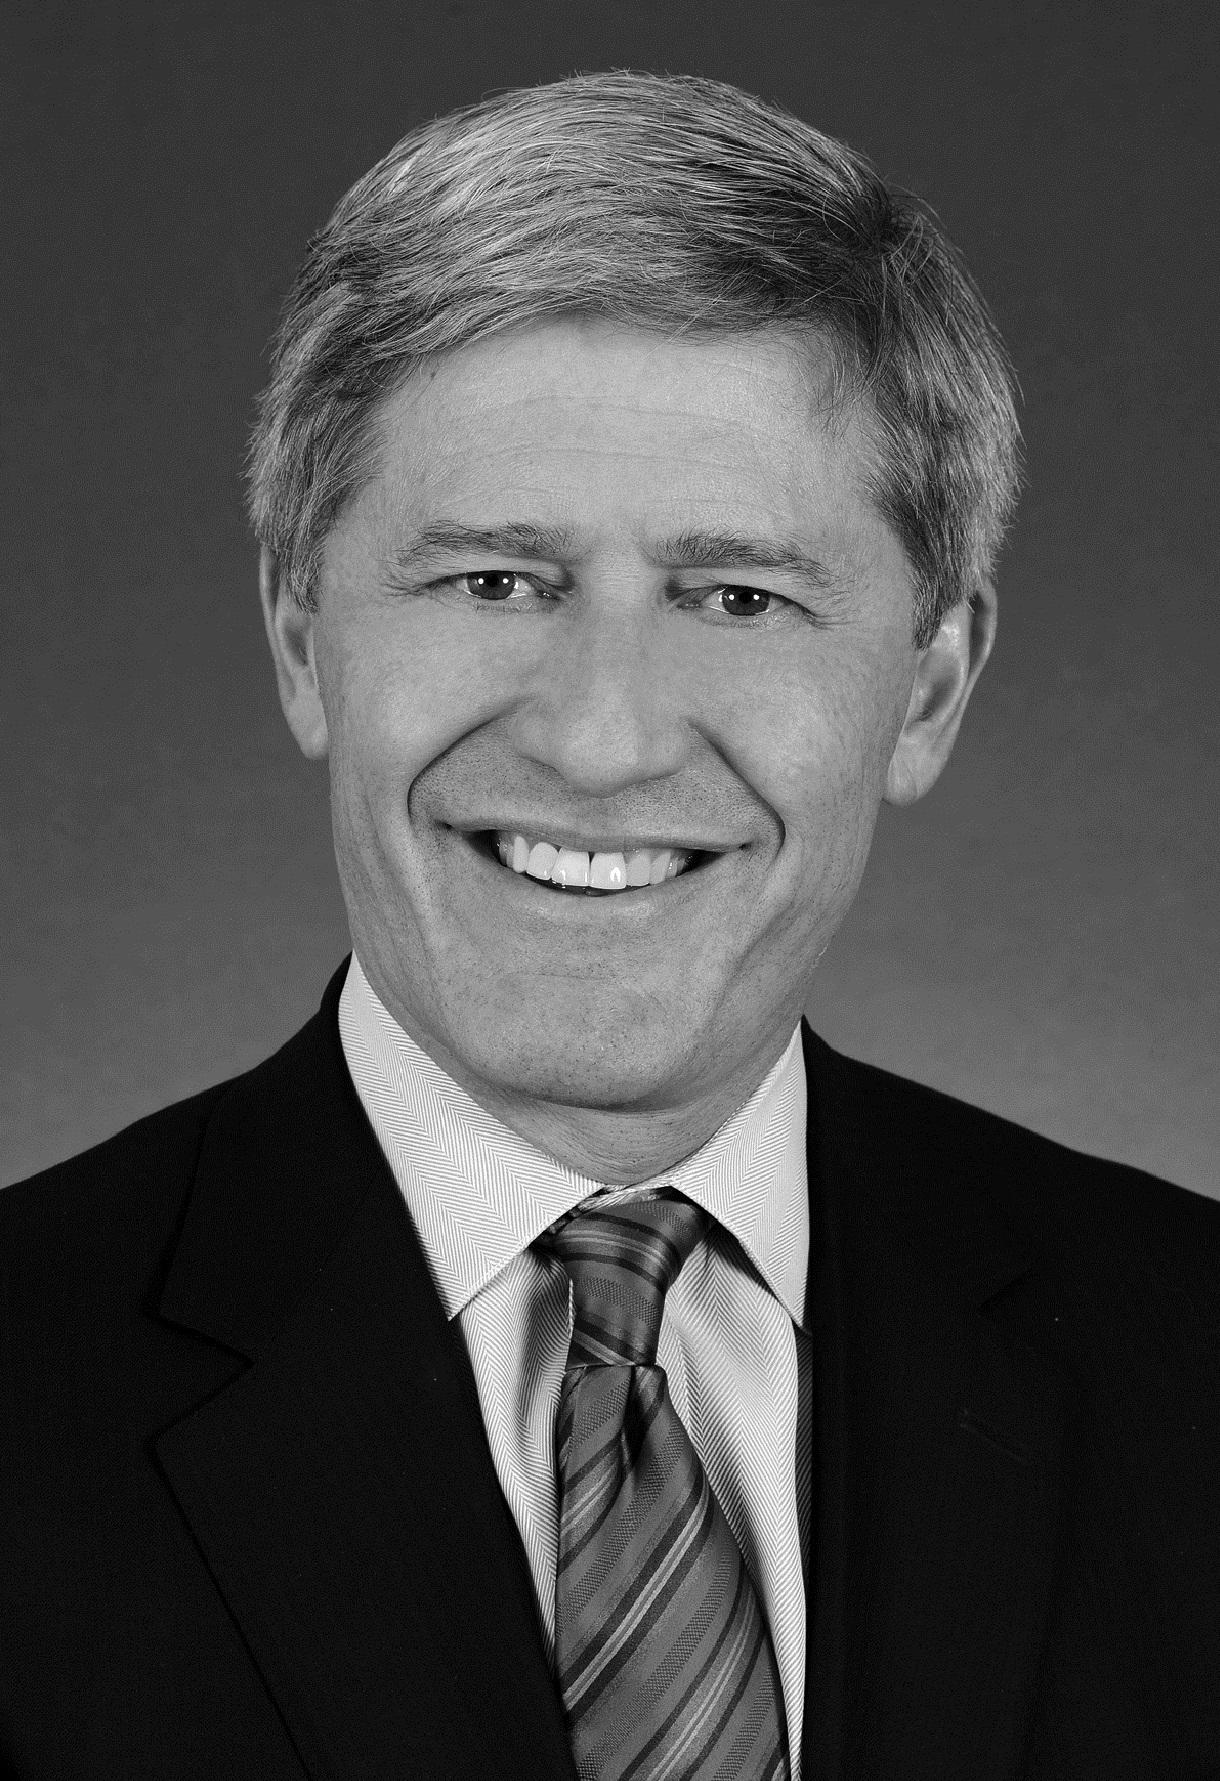 Steven R. Bell